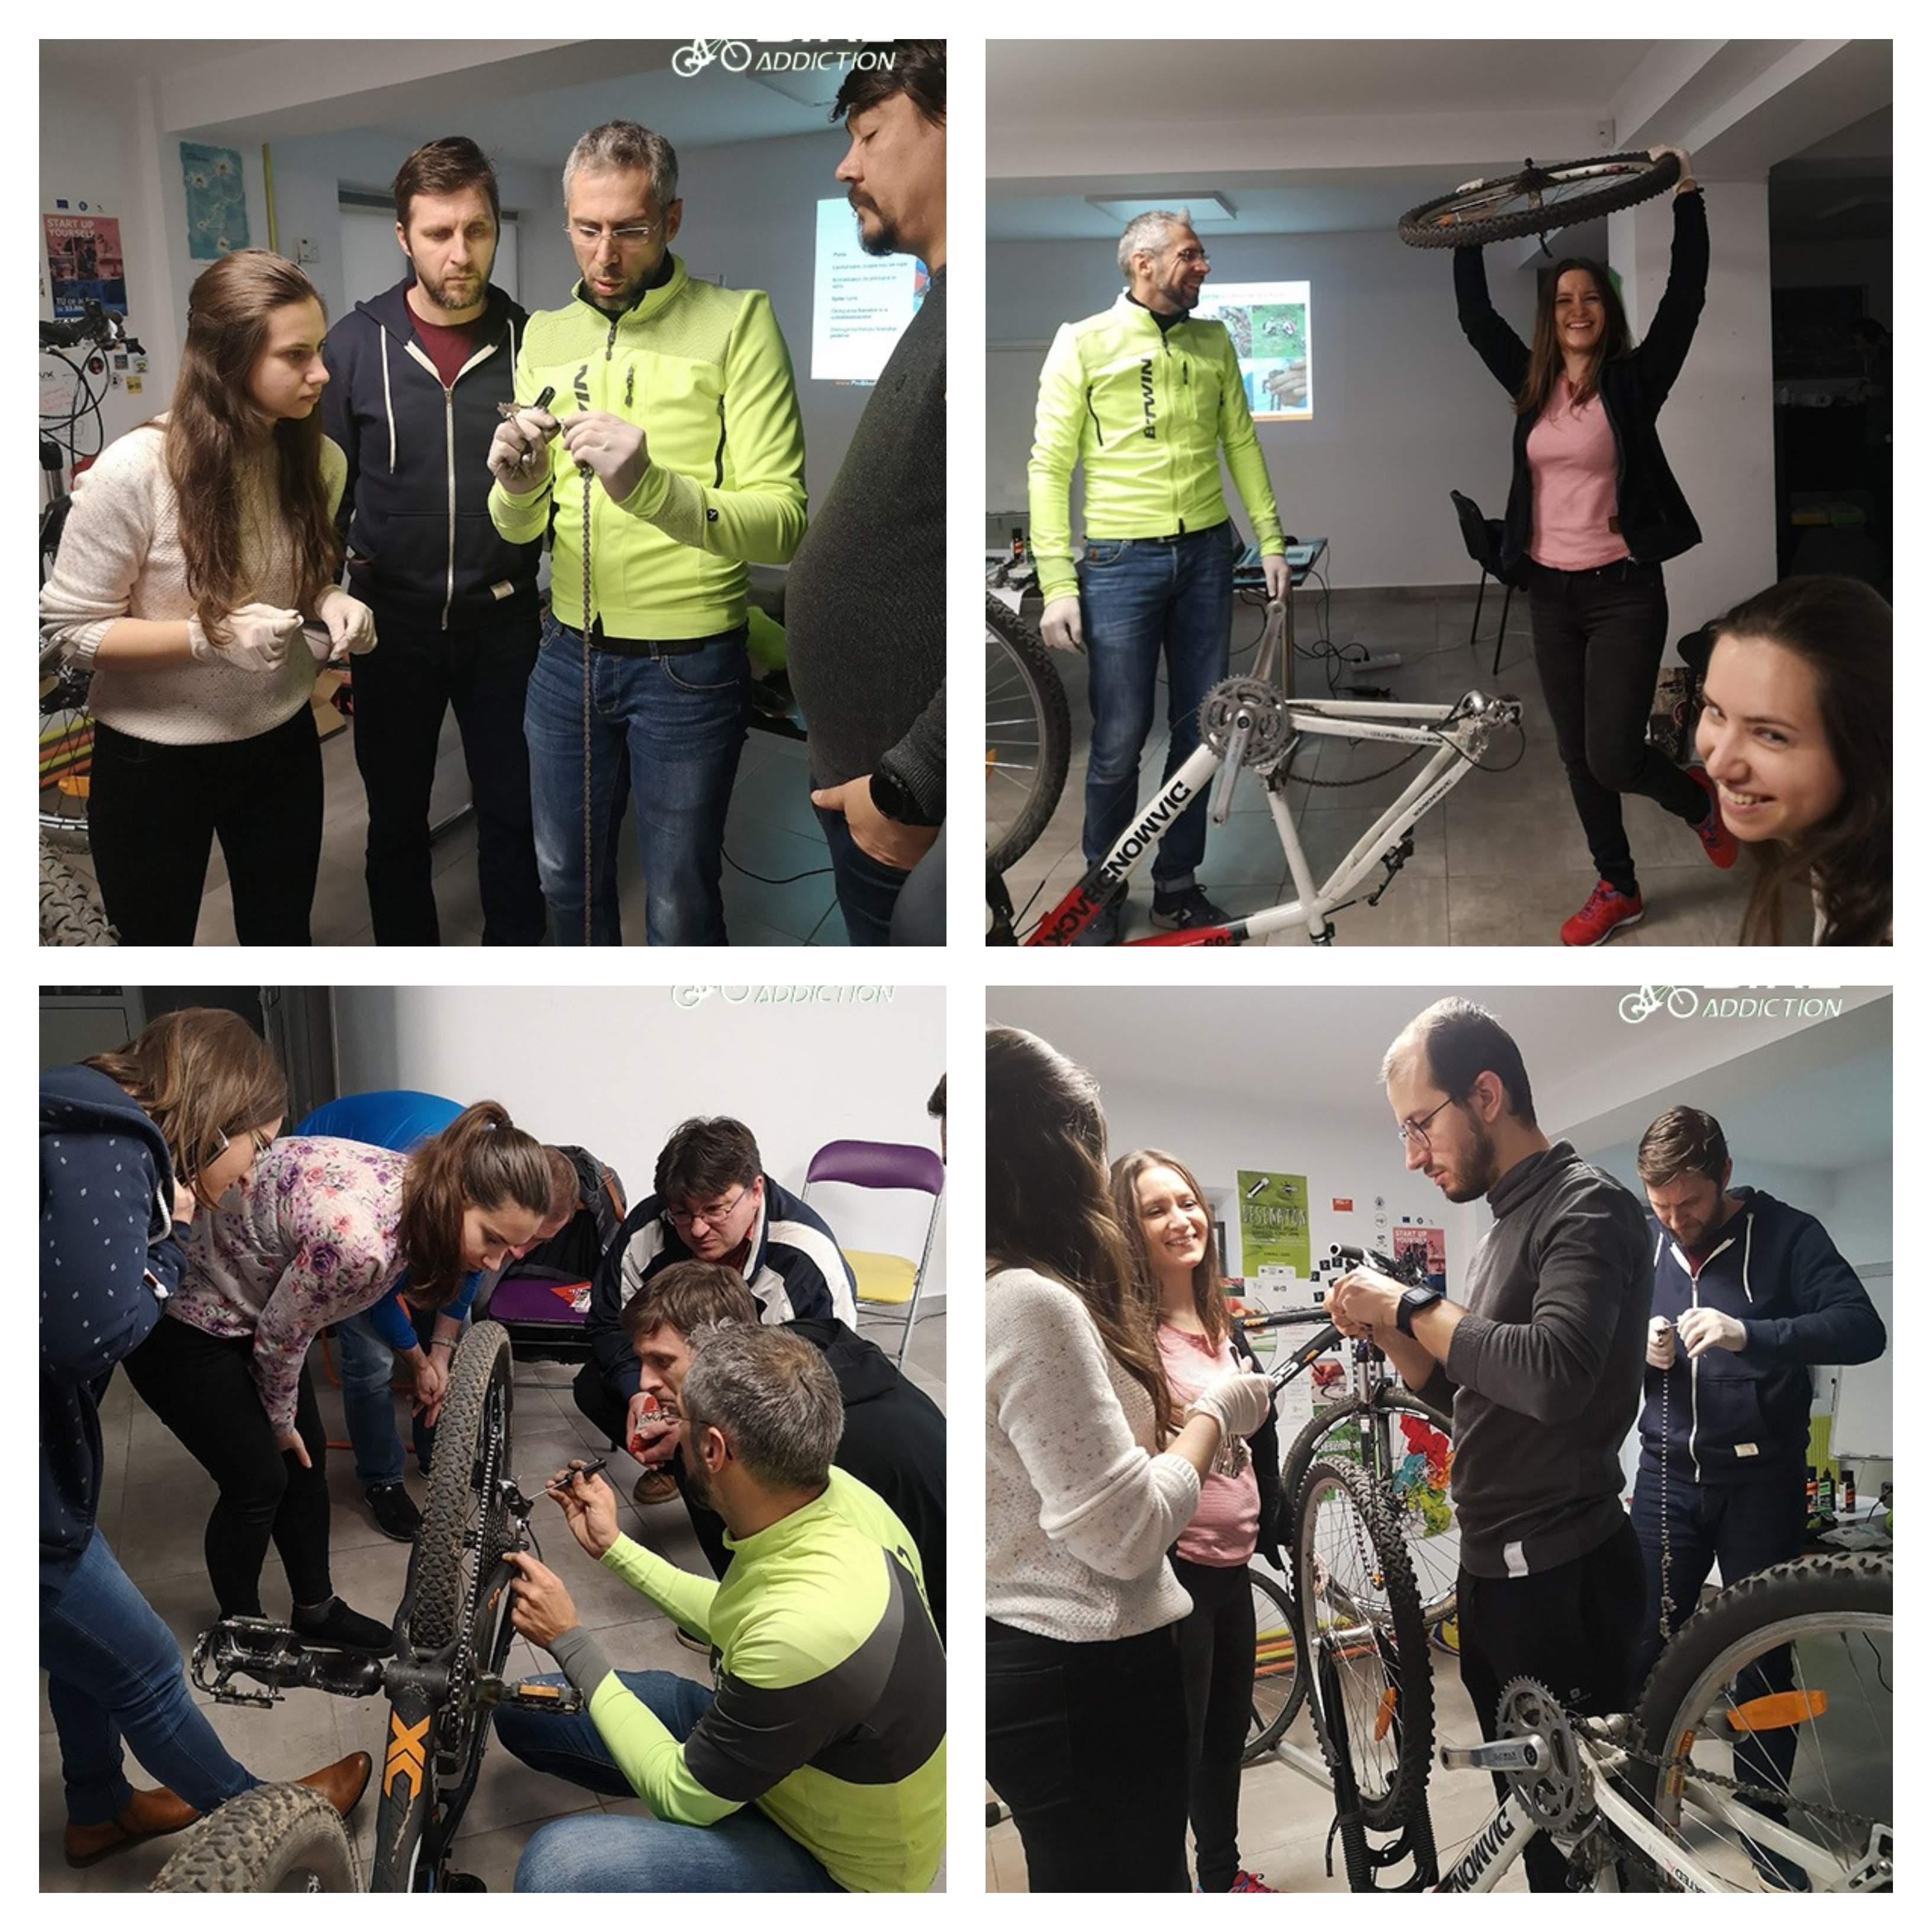 probikeaddiction cursuri mecanica pentru biciclete iasi 2019